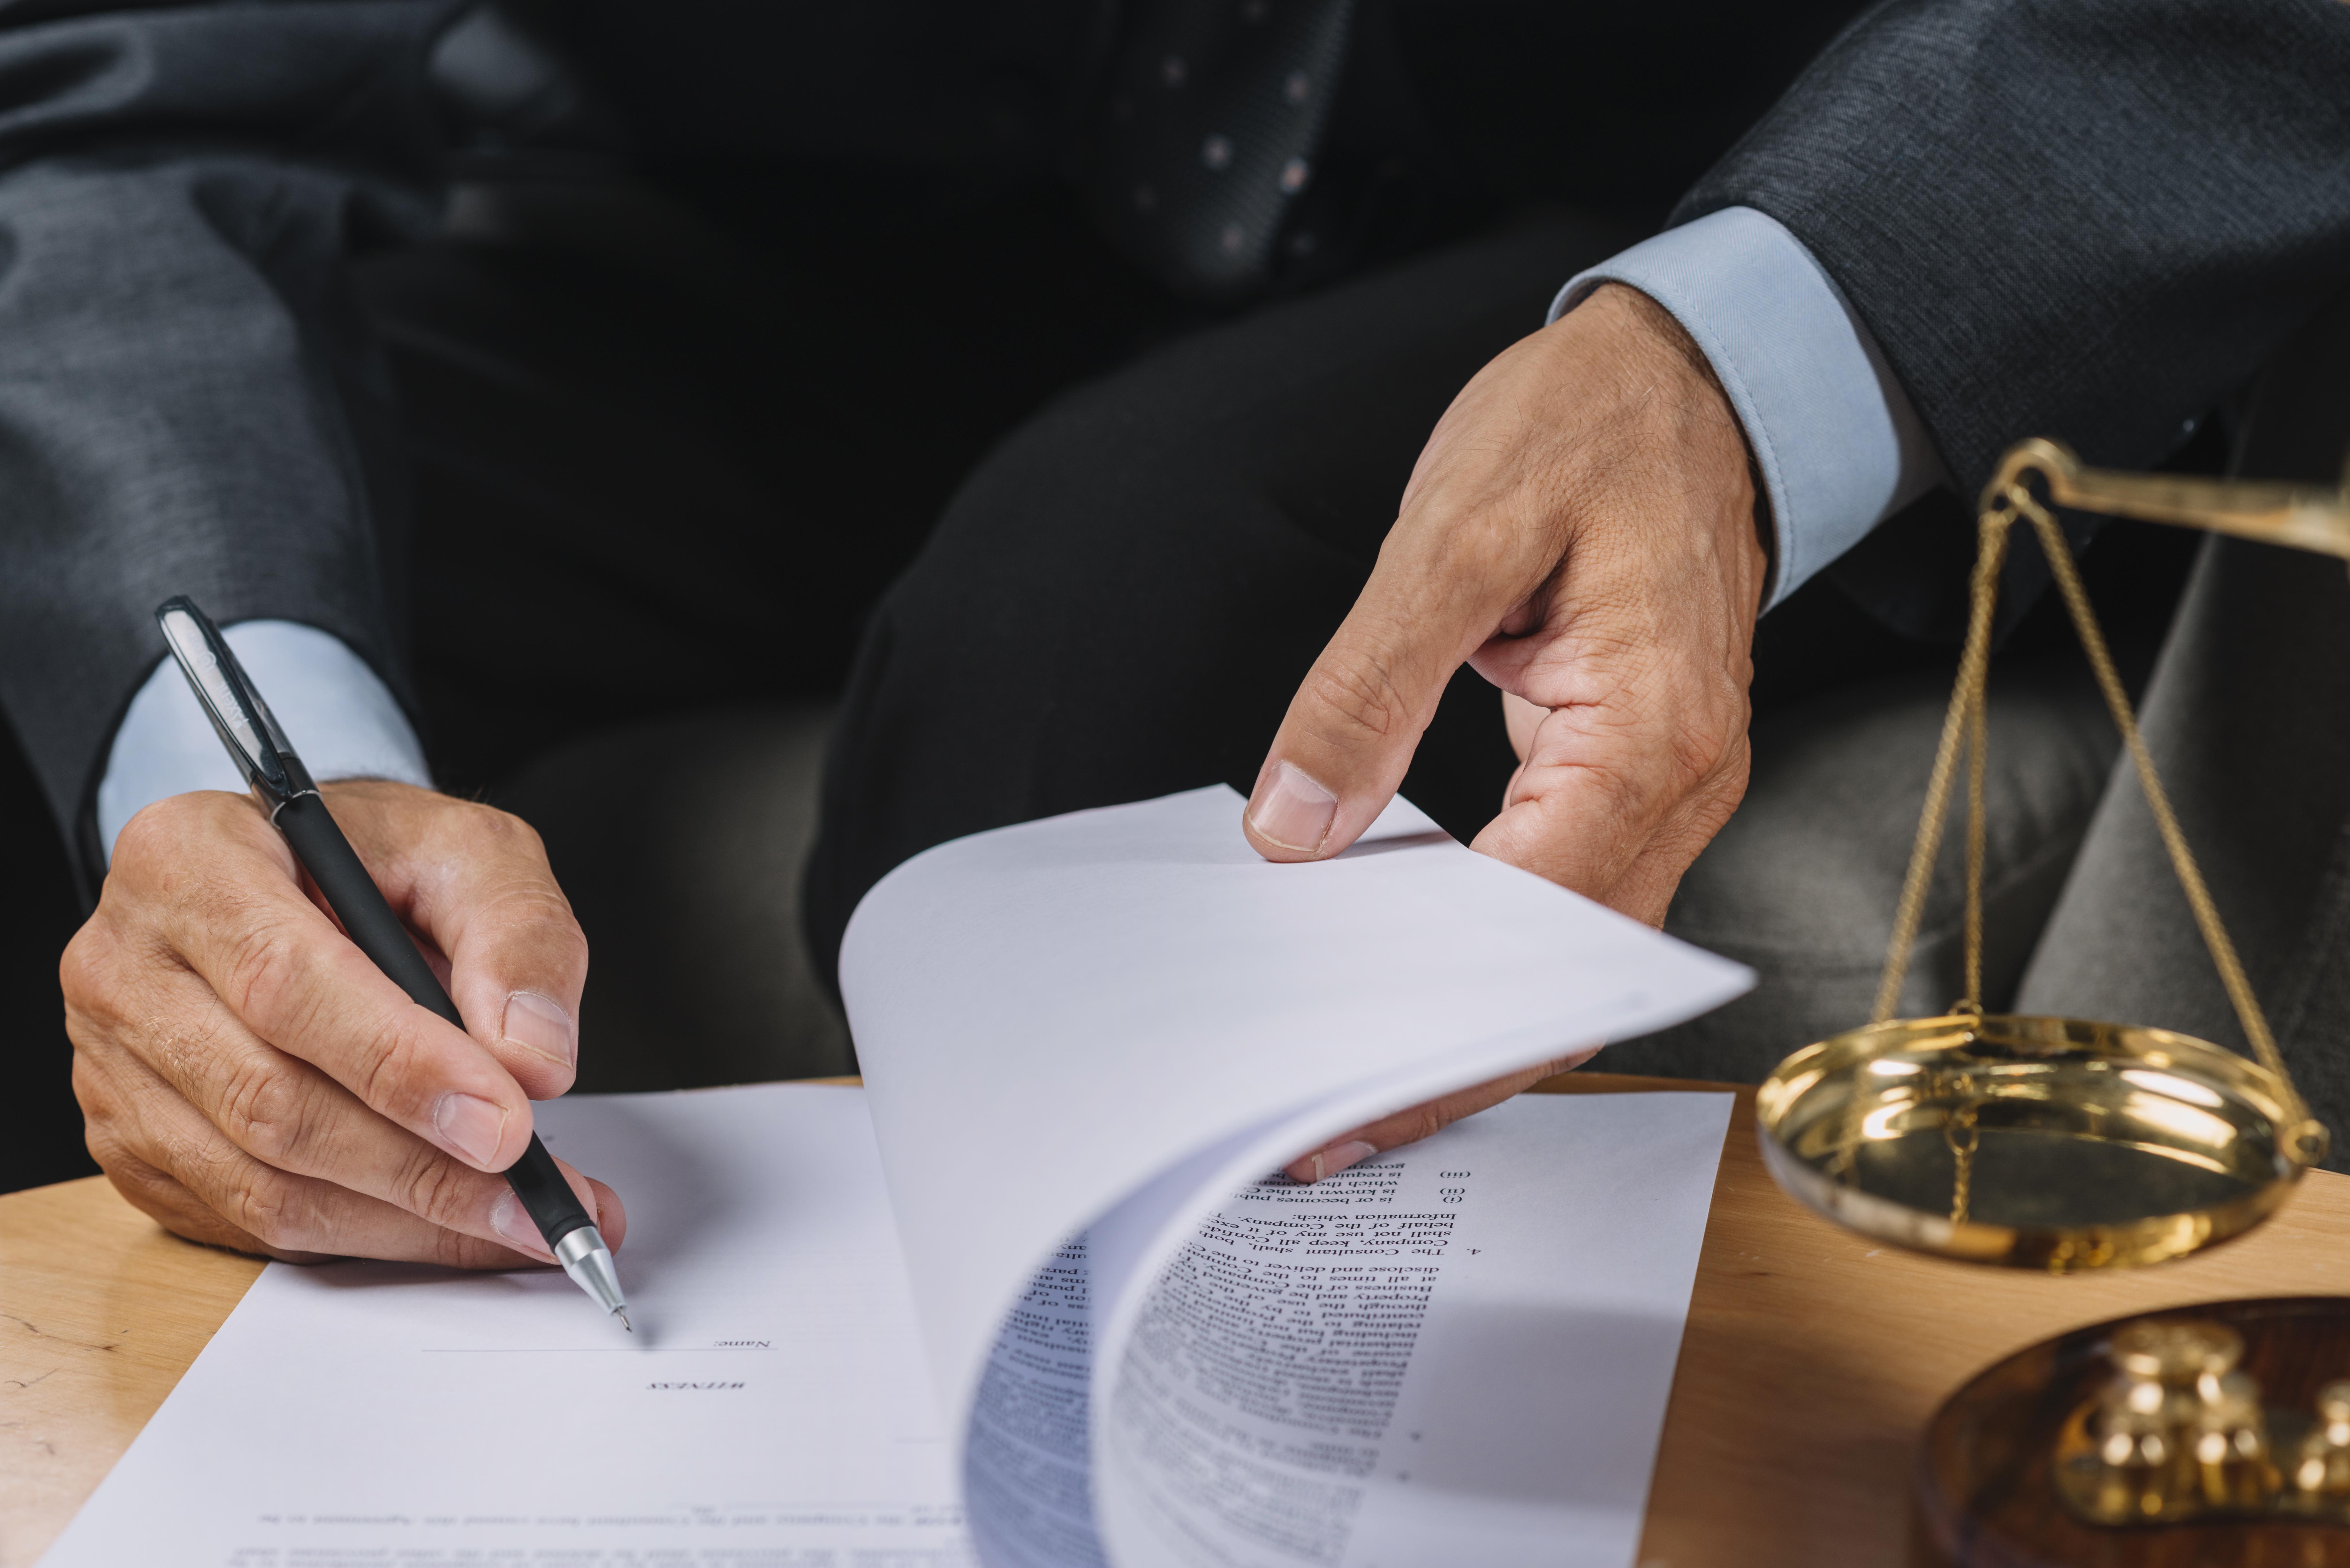 EMPRESA – NECESSIDADE OU NÃO DE REGISTRO PERANTE CONSELHOS DE FISCALIZAÇÃO PROFISSIONAL